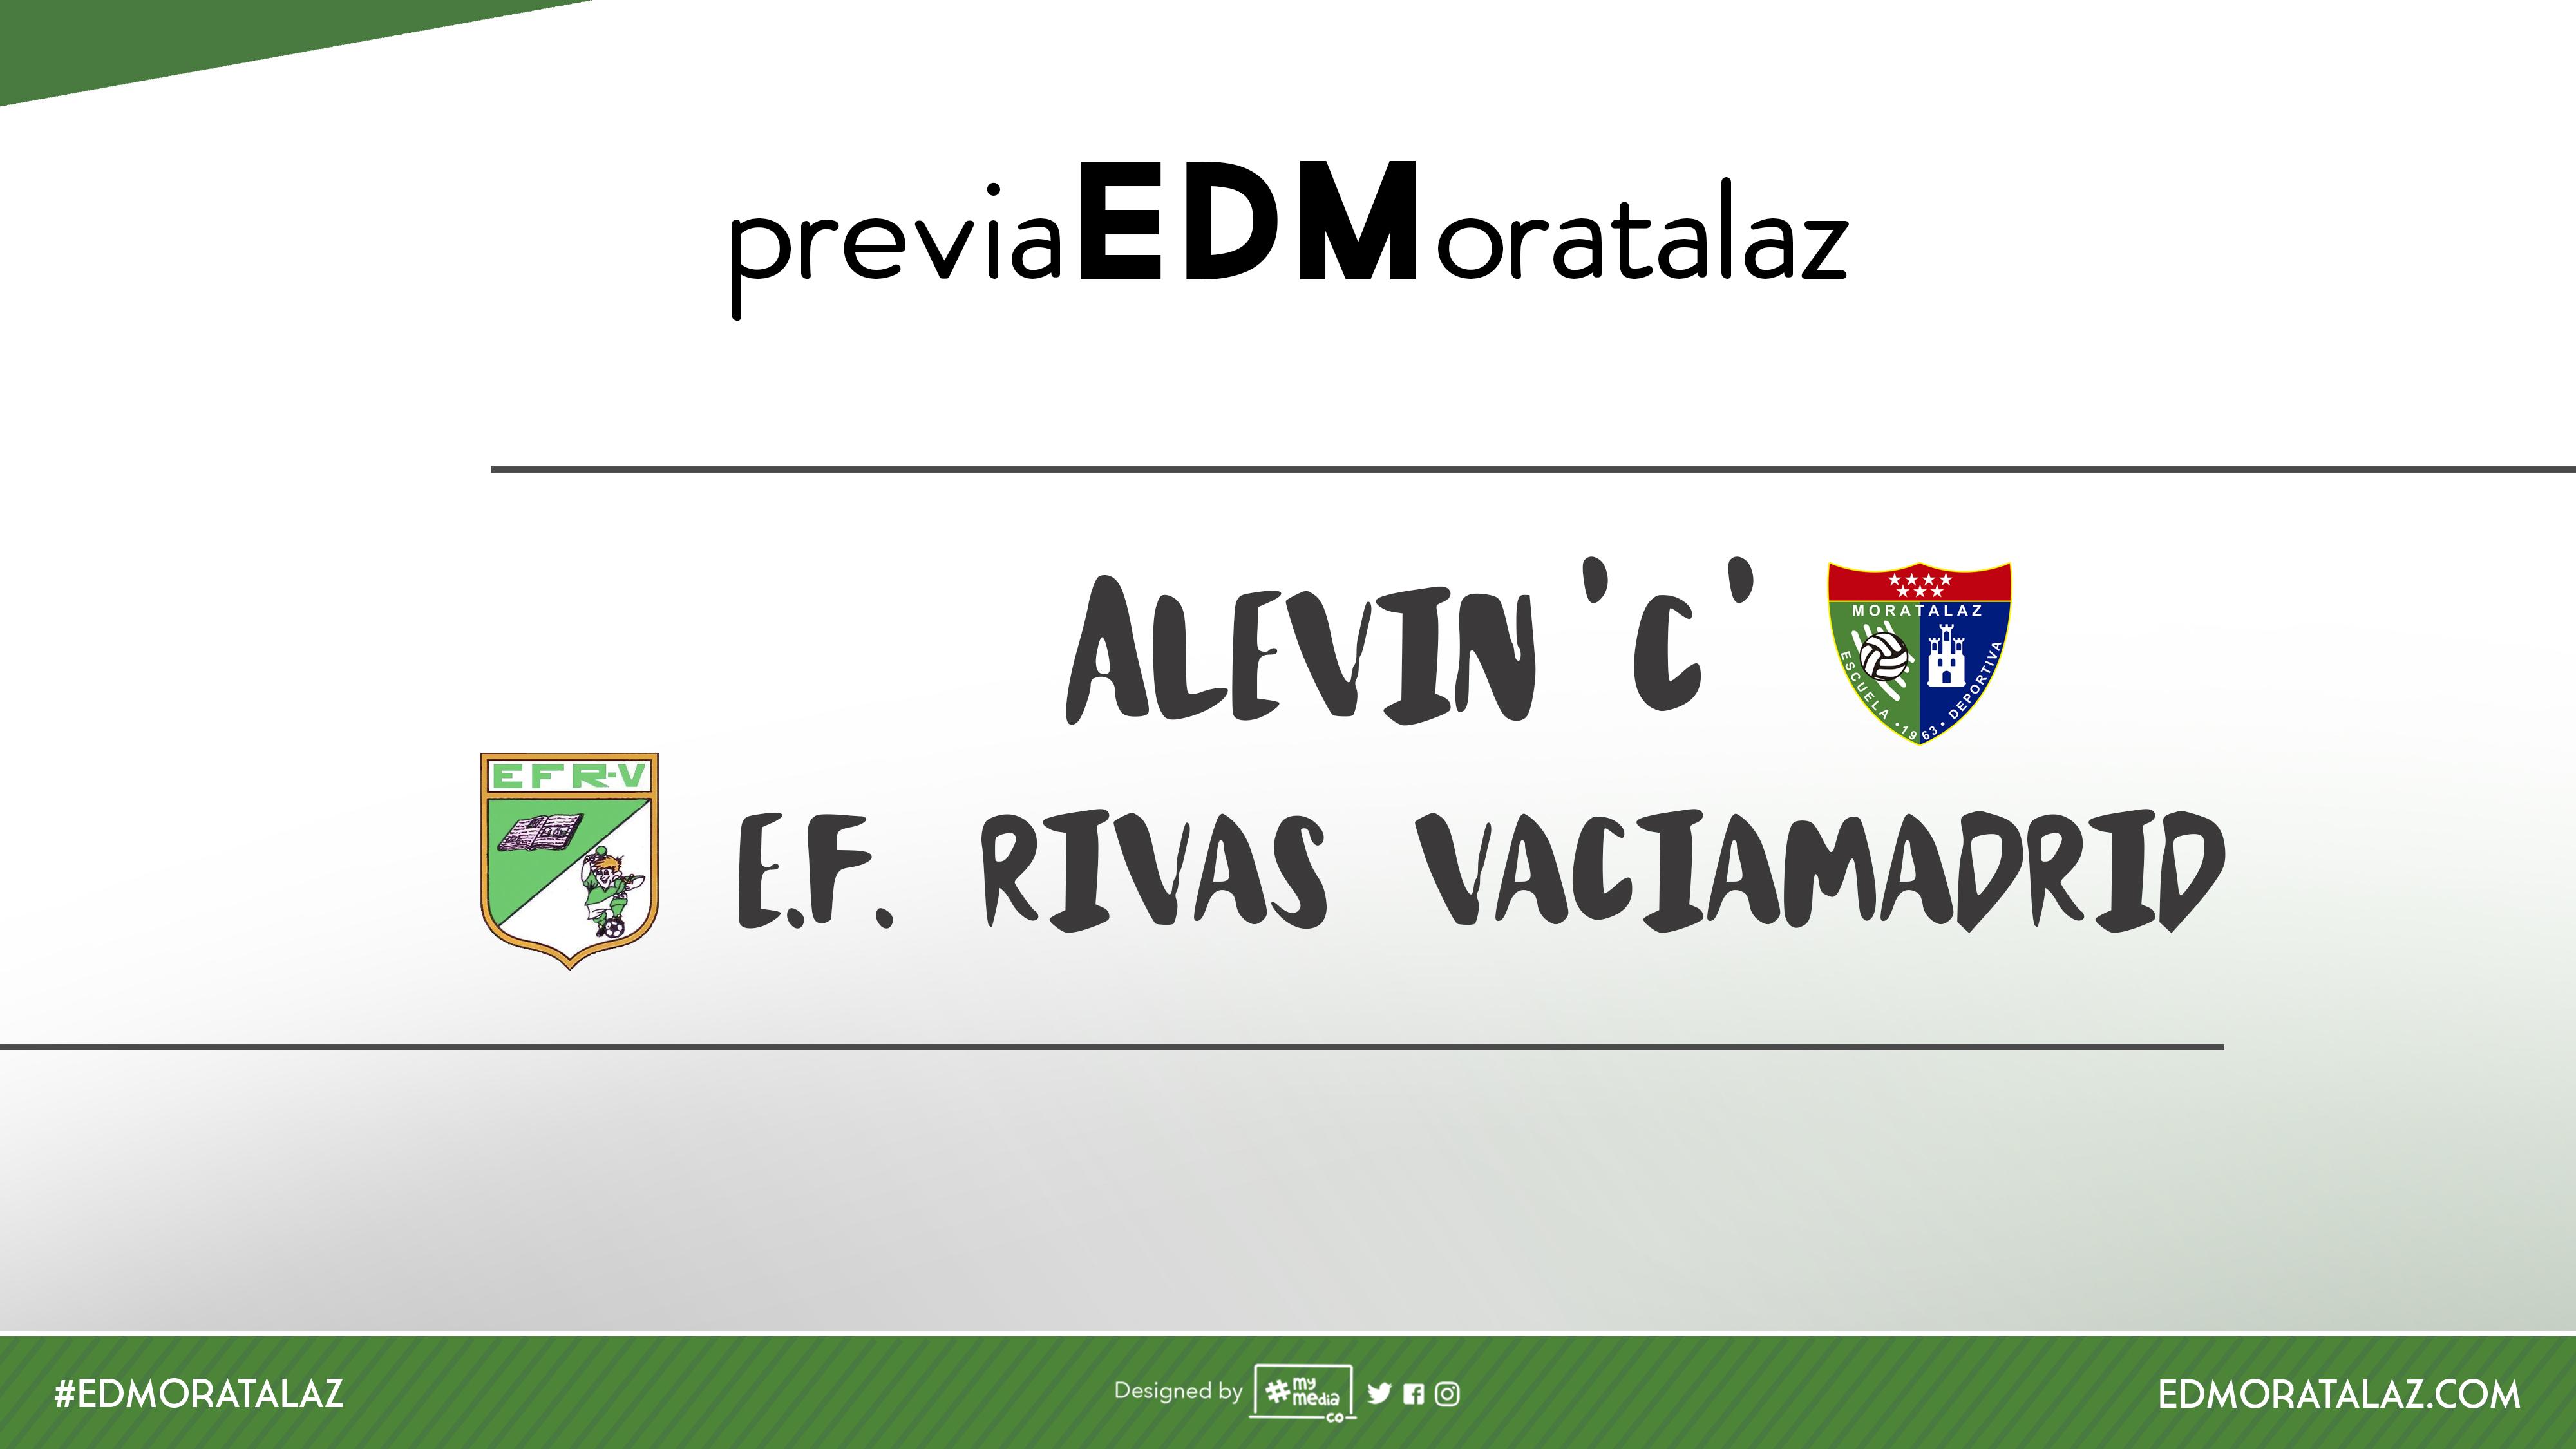 El Alevín C luchará por continuar invicto en la competición